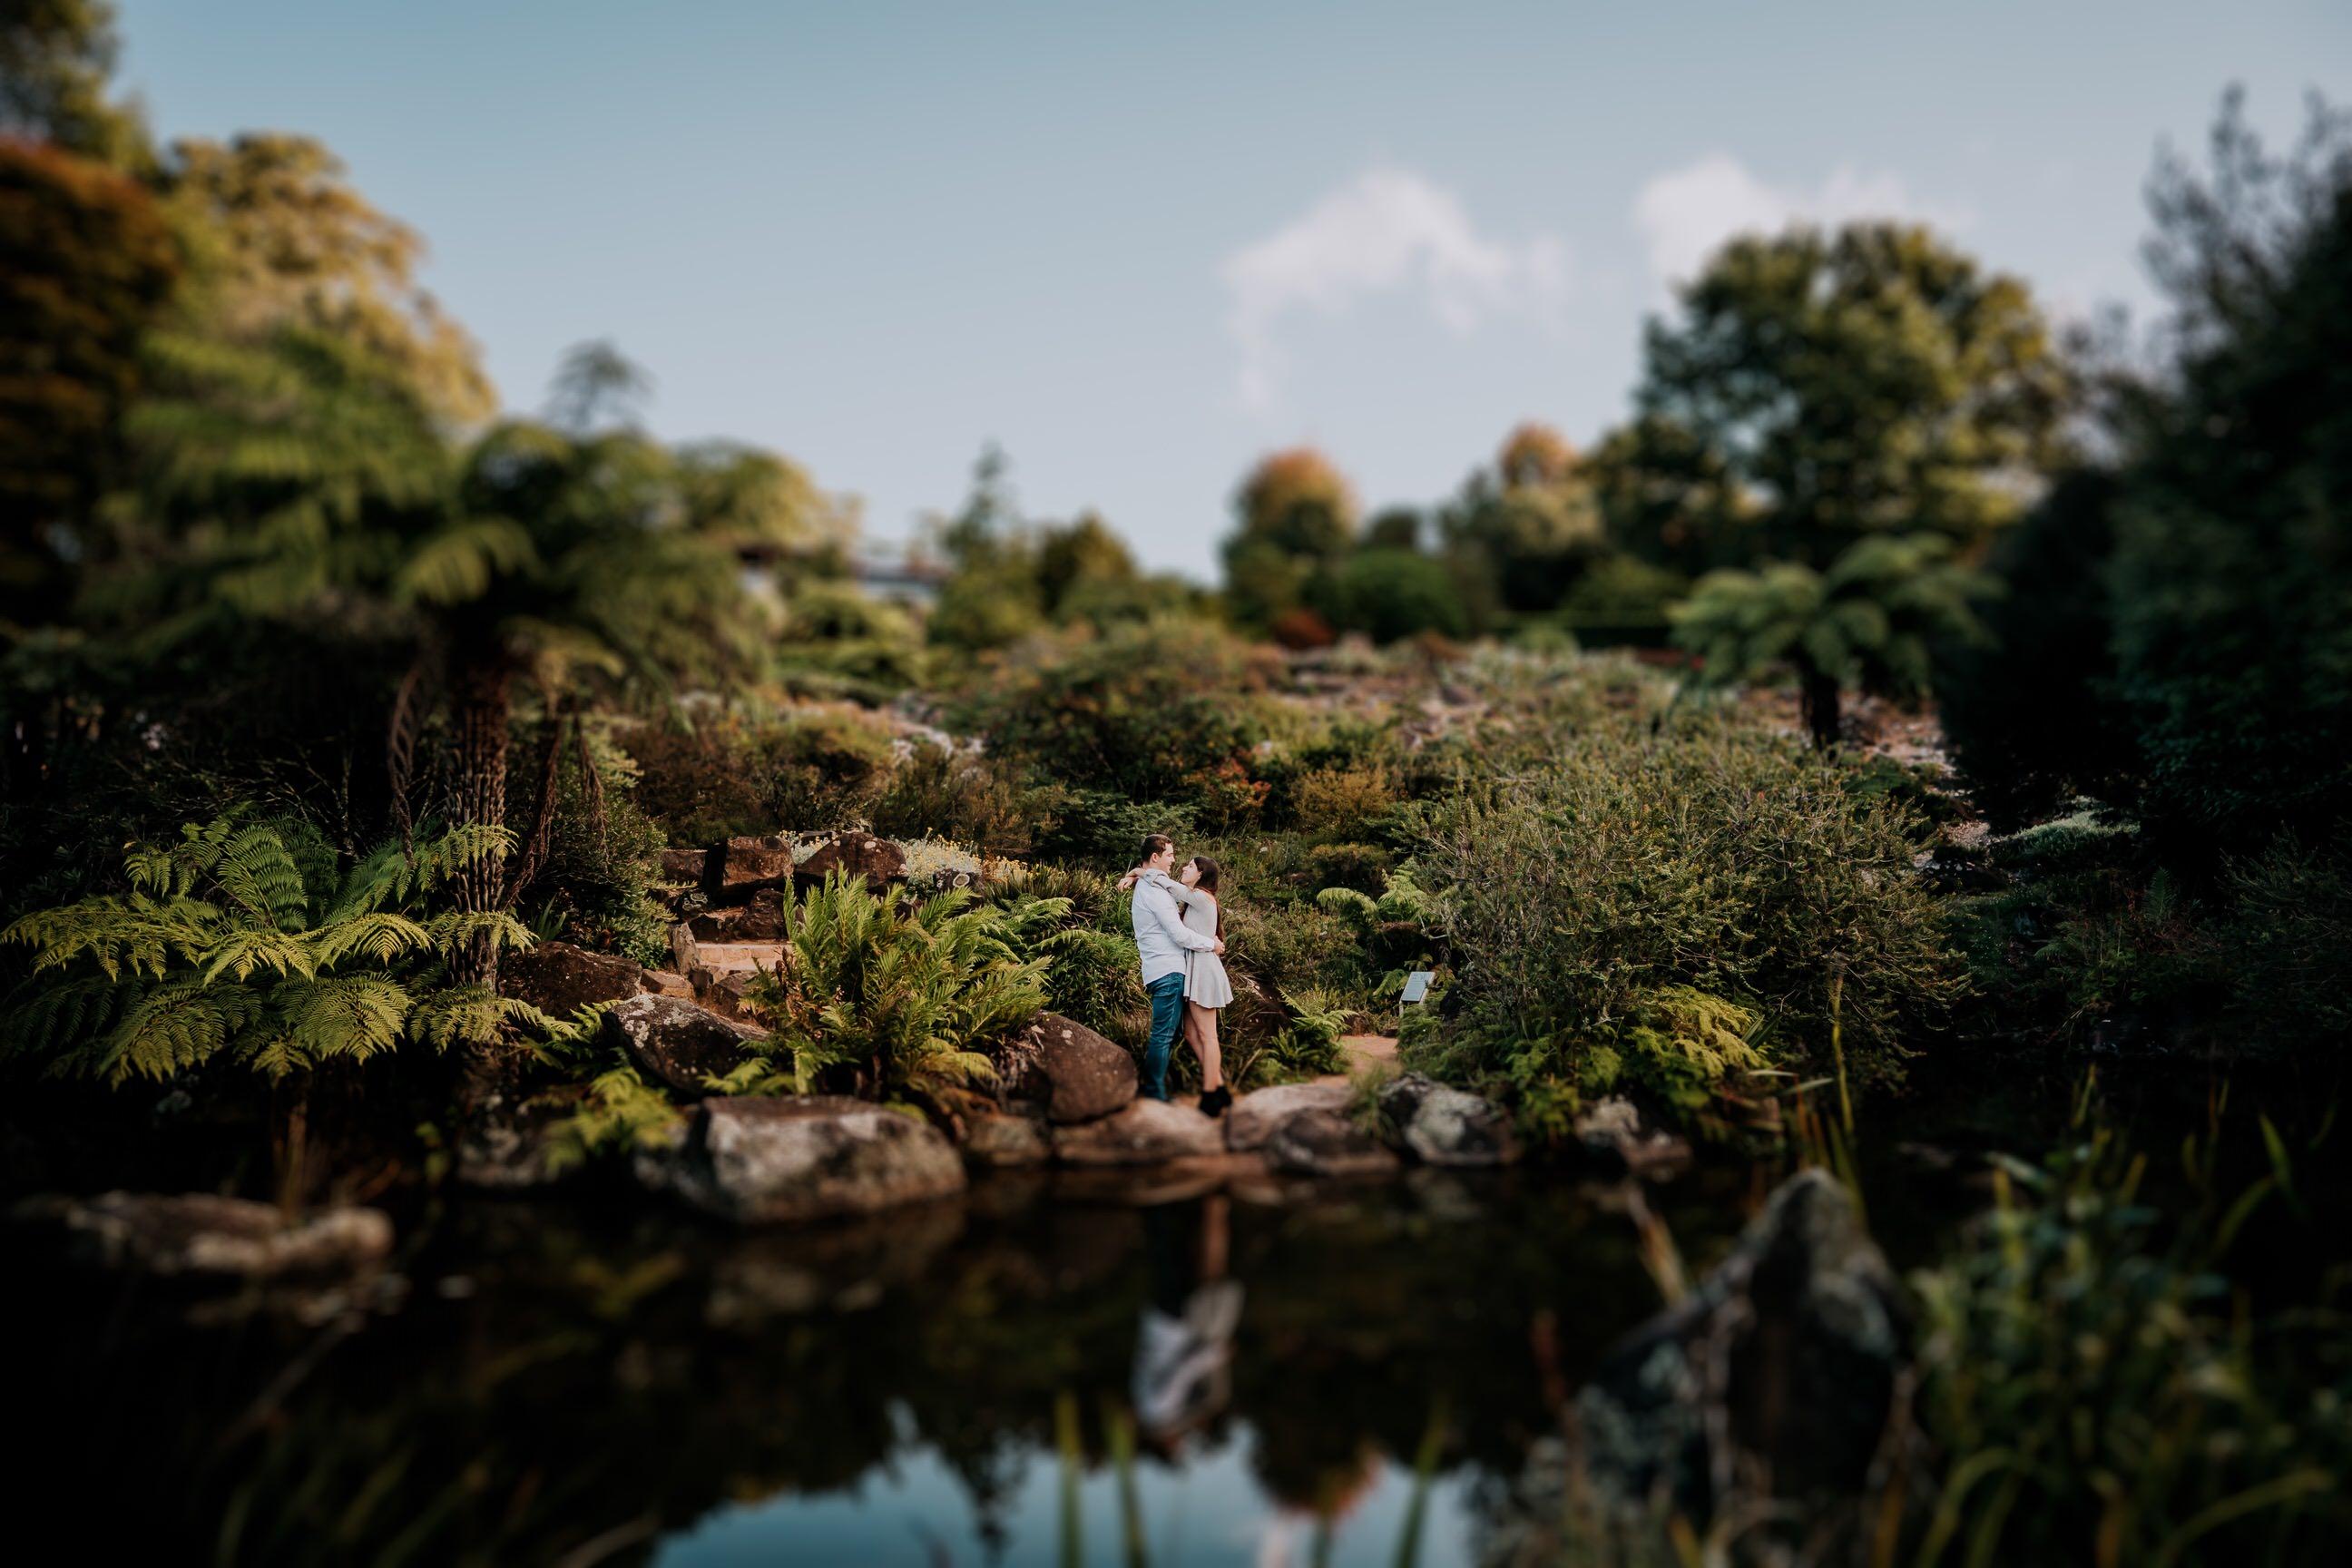 ava-me-photography-mikaela-jesse-mt-tomah-blue-mountains-botanic-gardens-engagement-19